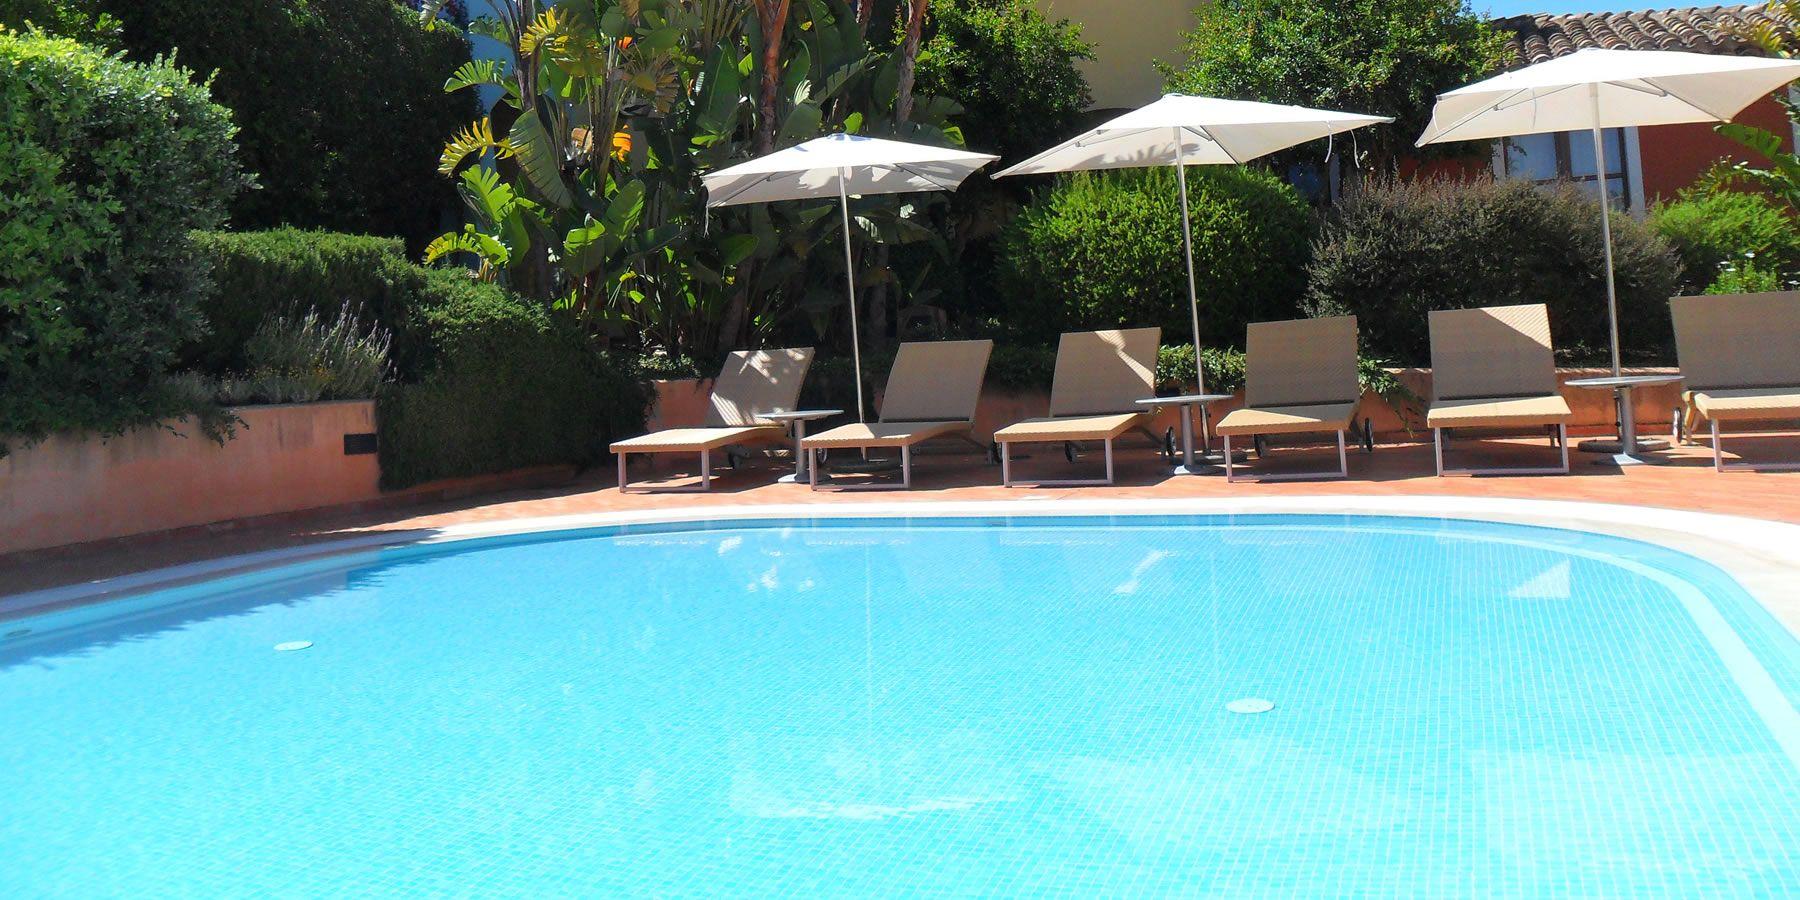 Residence con piscina ogliastra borgo degli ulivi sardegna - Residence con piscina sardegna ...